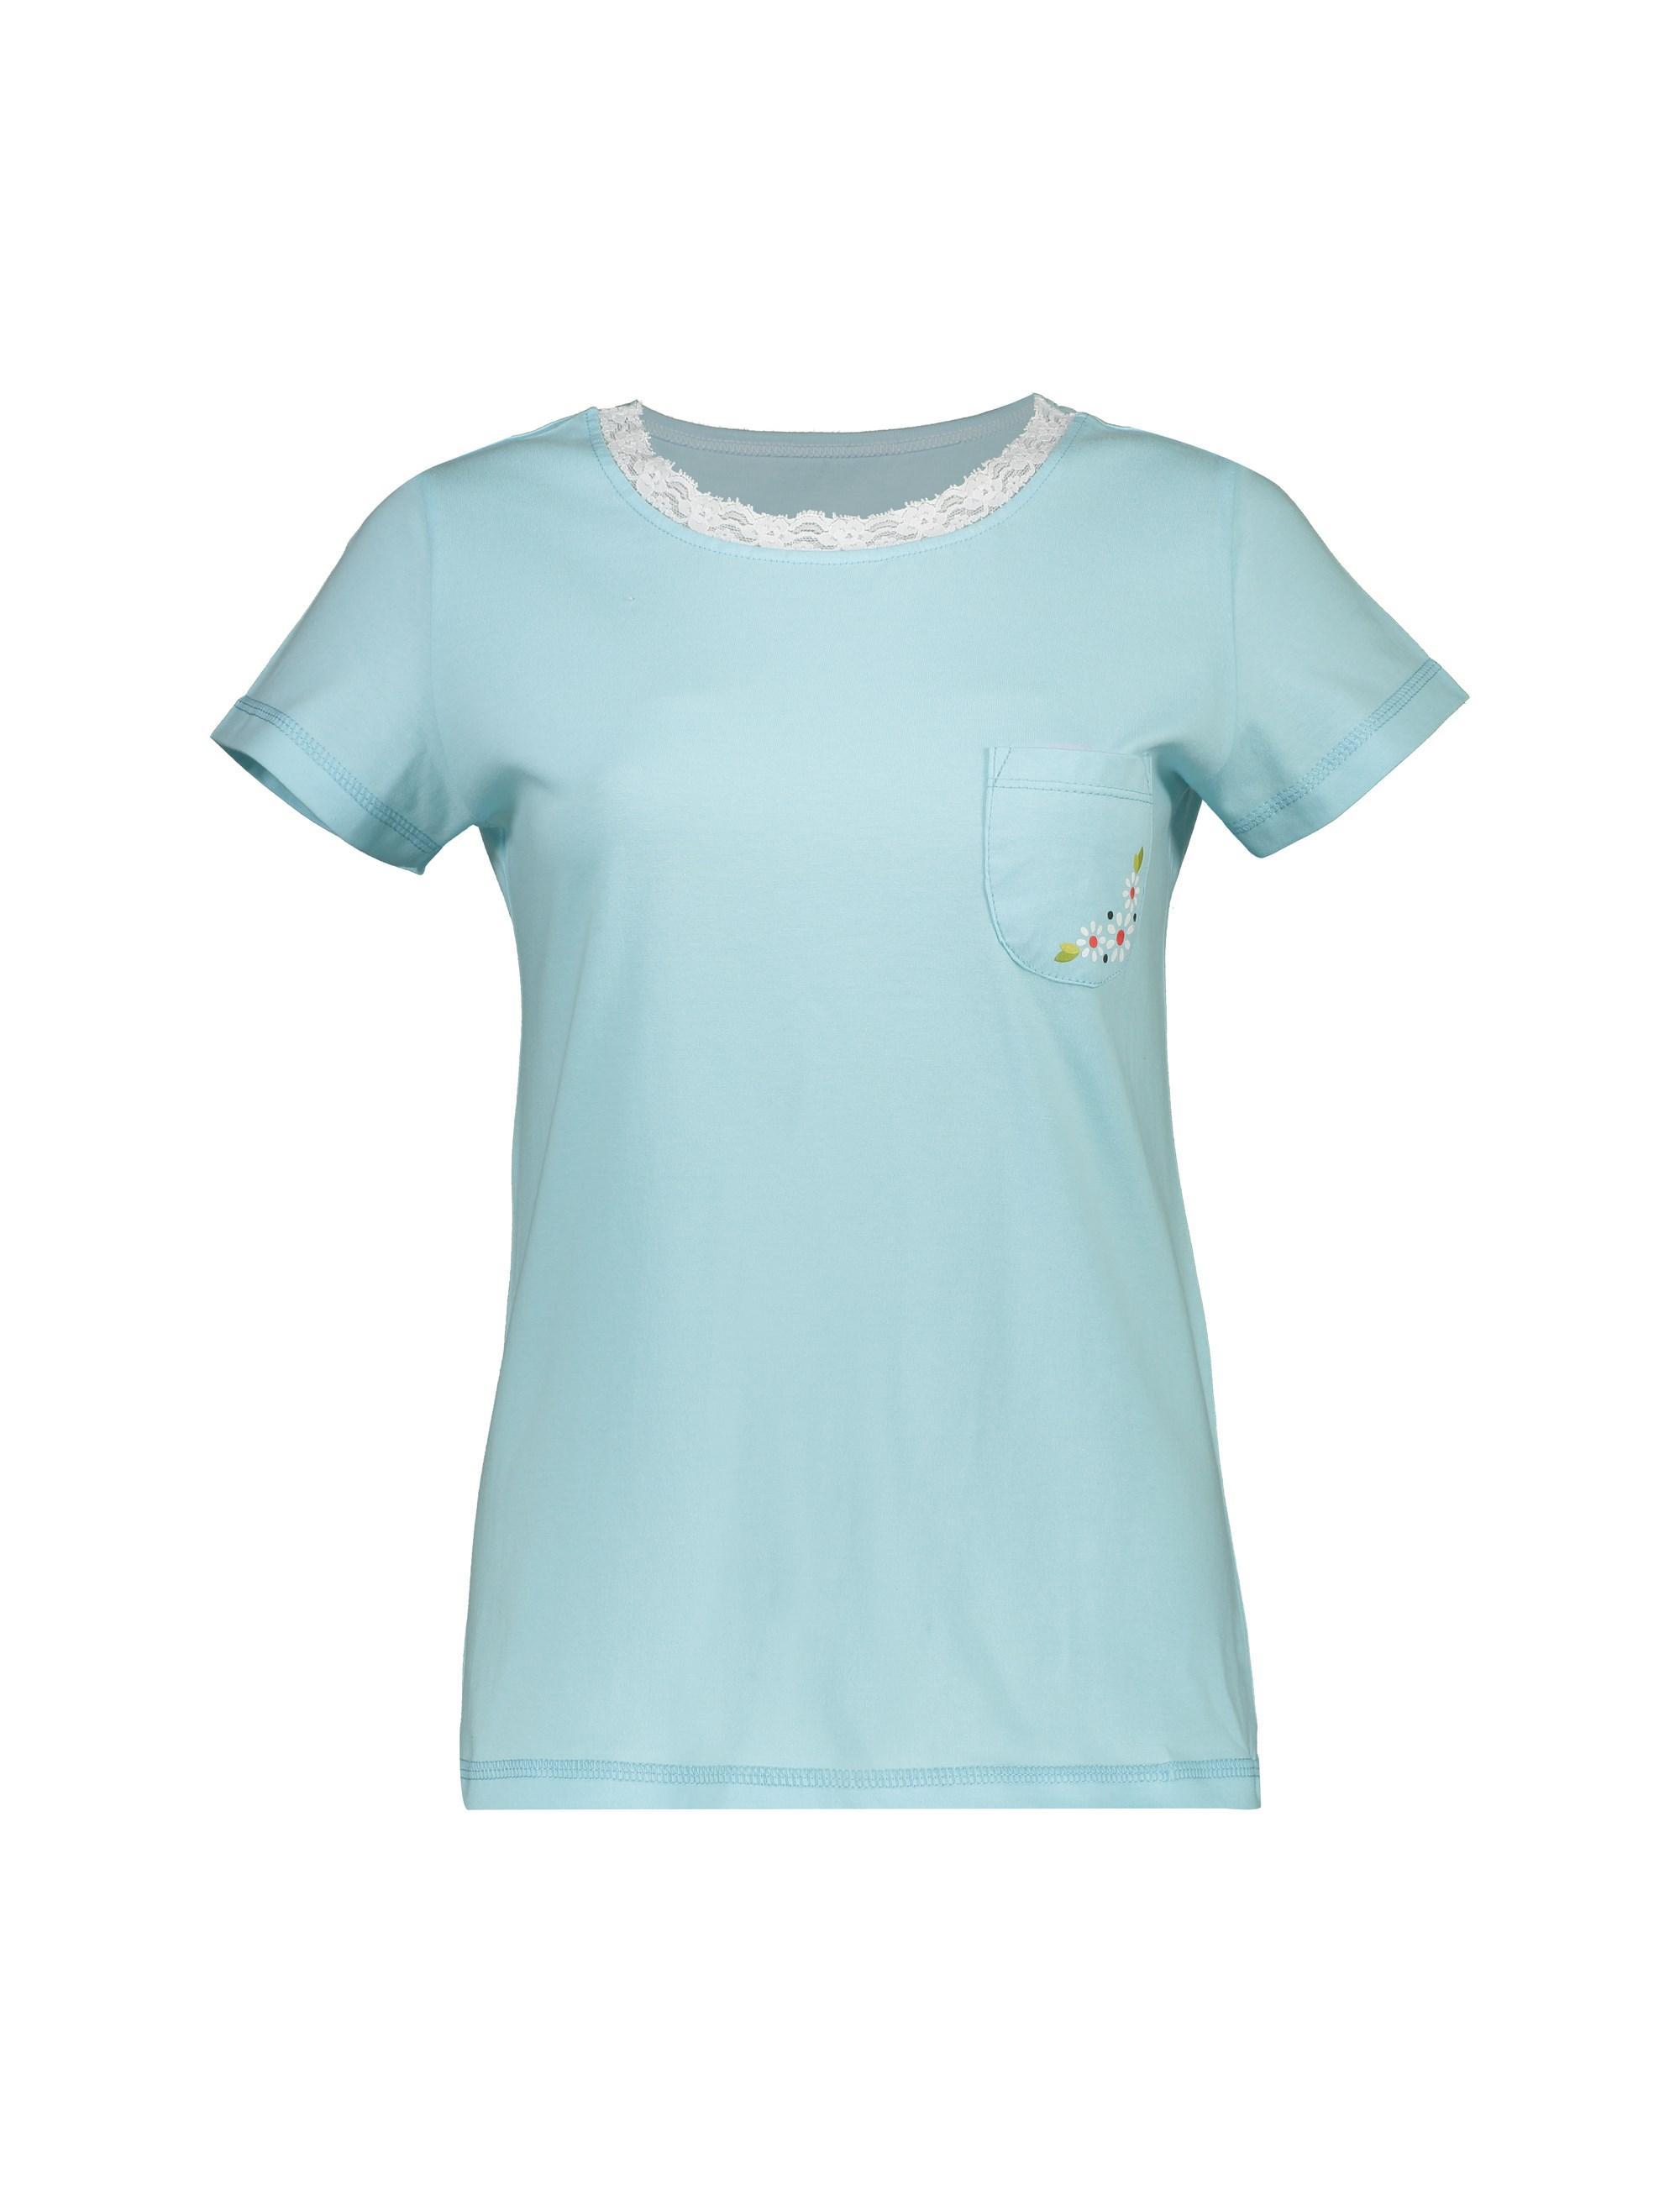 تی شرت و شلوار راحتی نخی زنانه پرک سه گل - فيروزه اي - 2